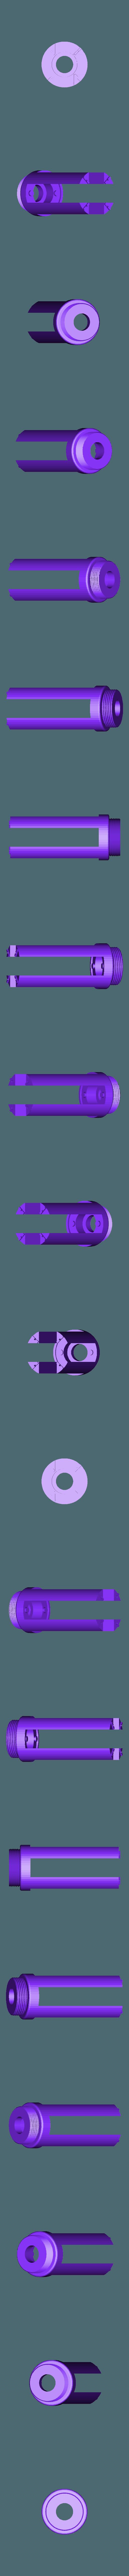 lenser_pack05.stl Télécharger fichier STL gratuit Réparation du bloc-piles de la lentille LED T7 • Objet imprimable en 3D, peaberry